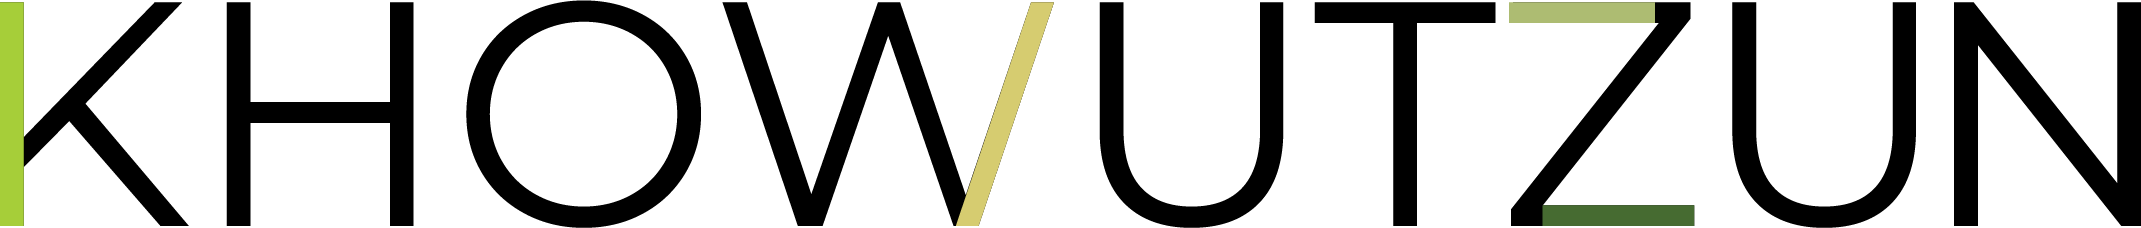 KDC21_logo_wordmark_KHOWUTZUN